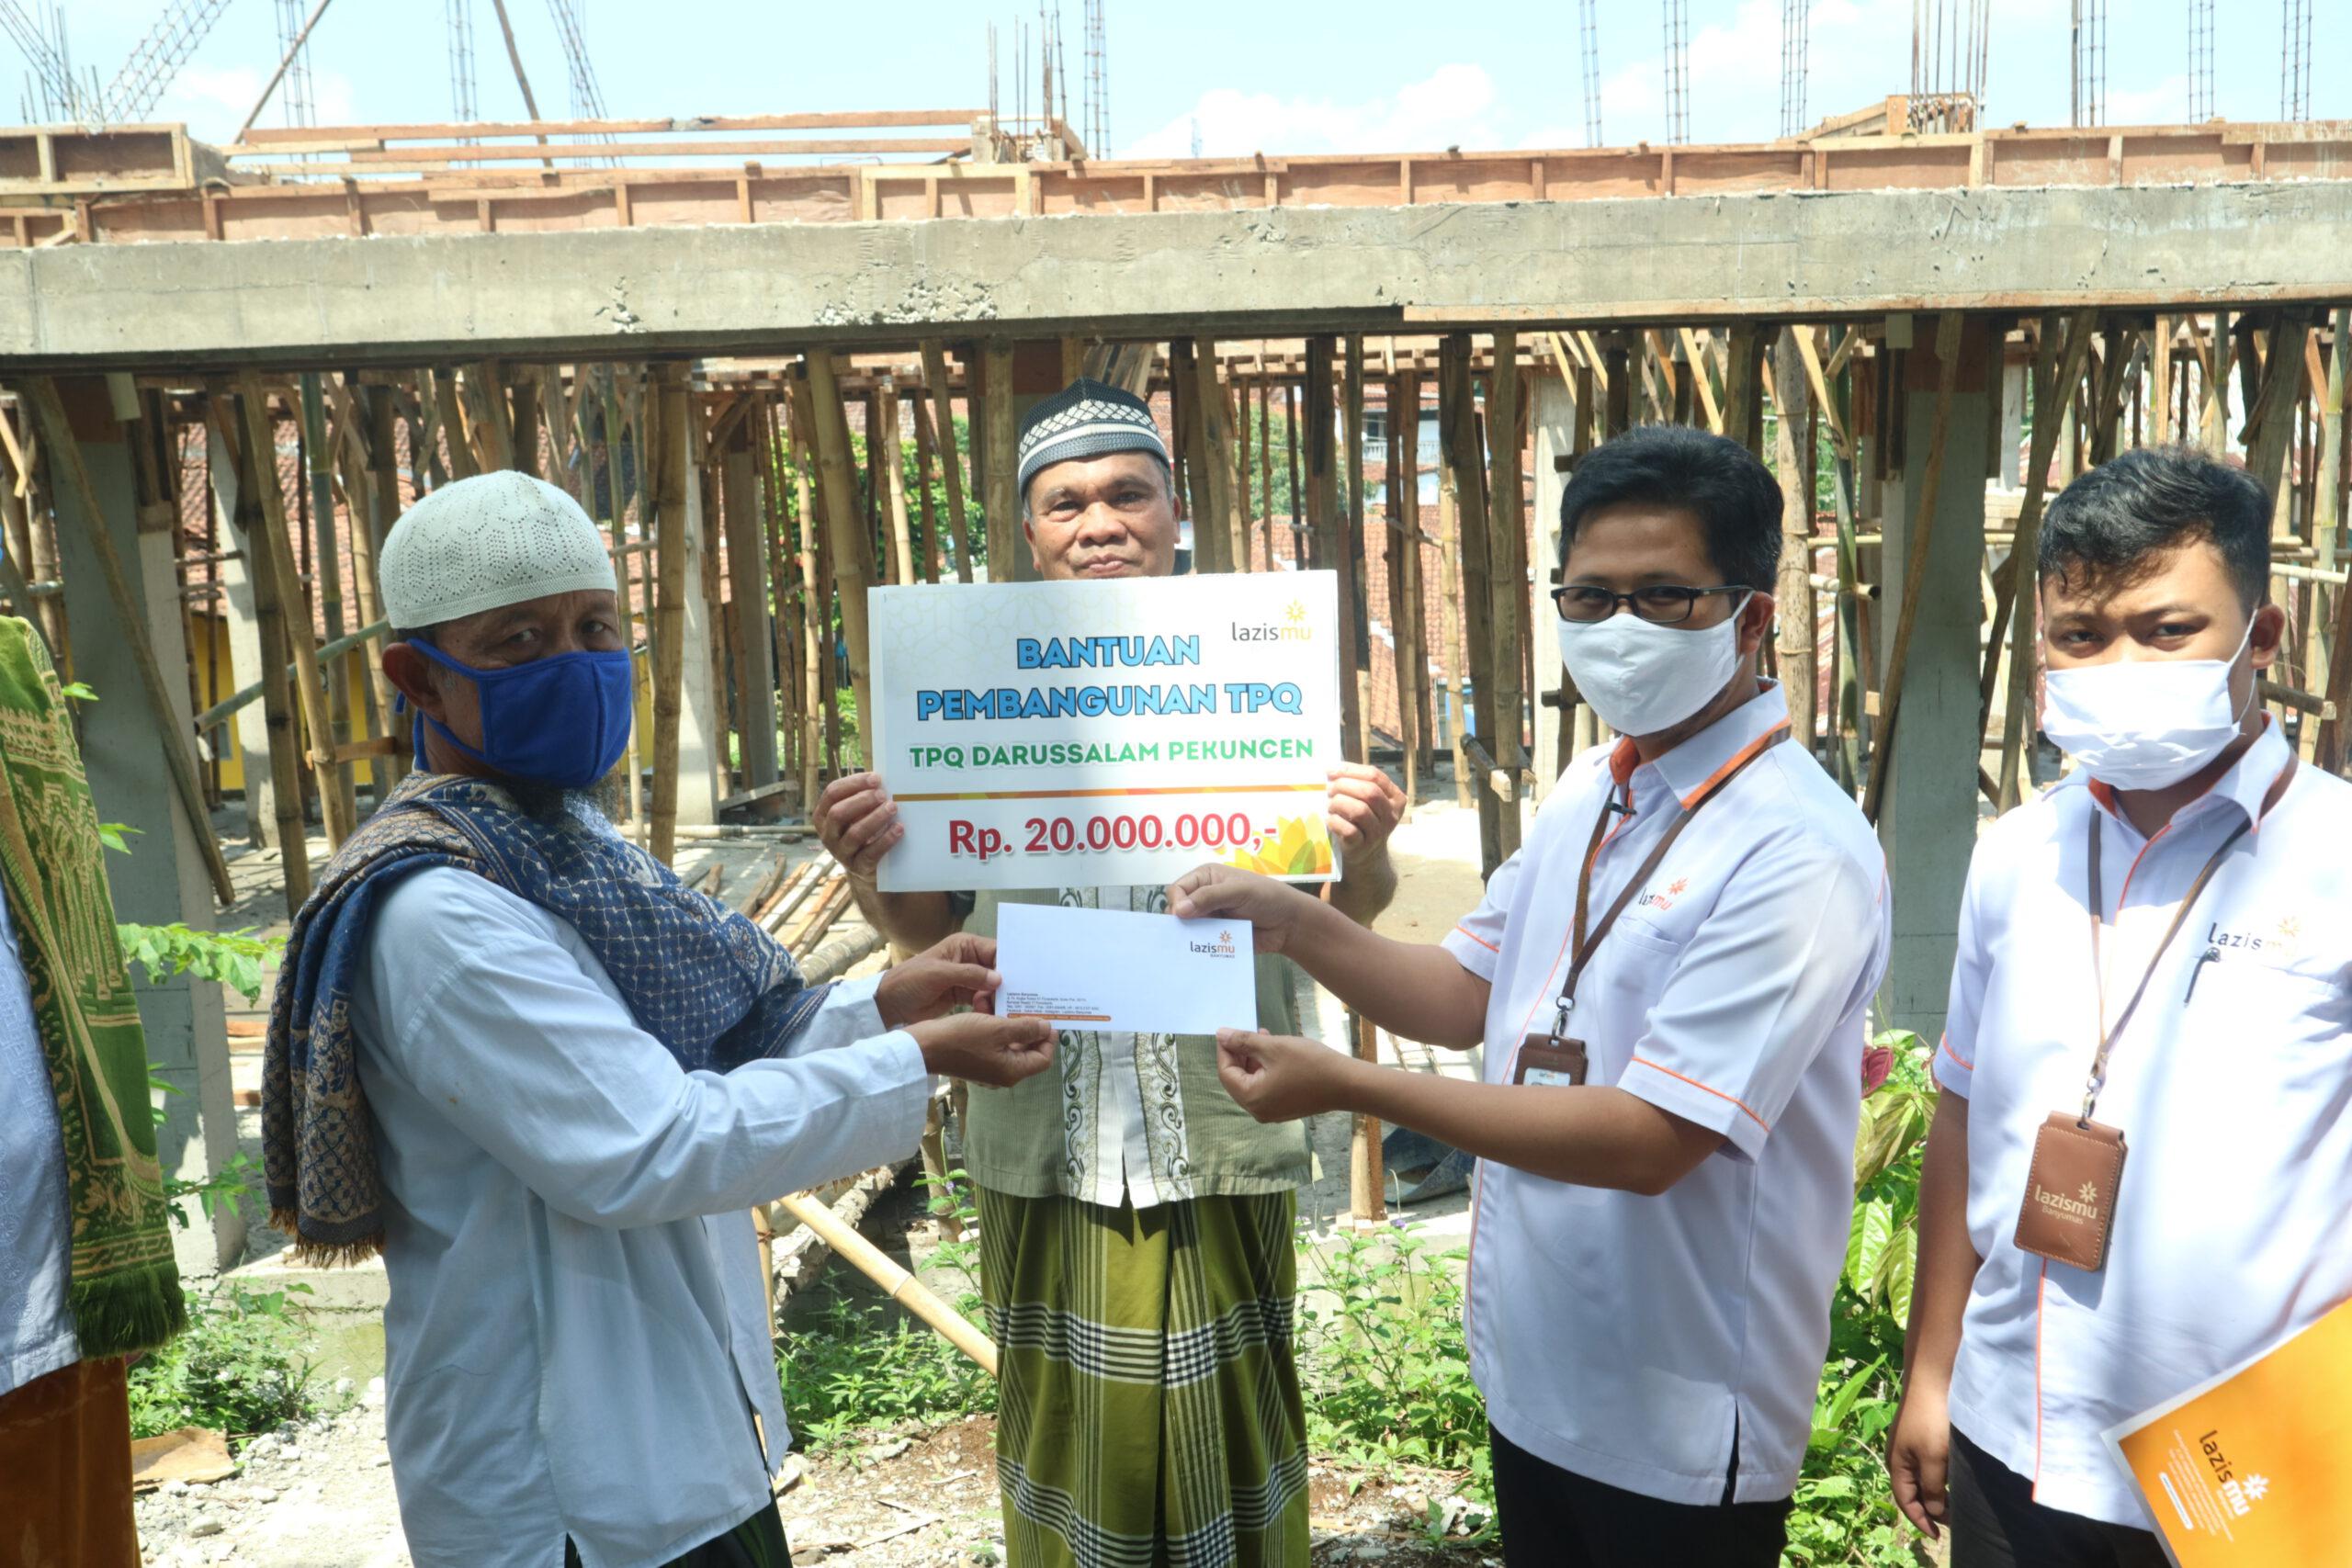 Dukung Dakwah Persyarikatan Melalui TPQ, Lazismu Banyumas Salurkan Bantuan Pembangunan Fasiltas Gedung untuk TPQ Darussalam Pekuncen